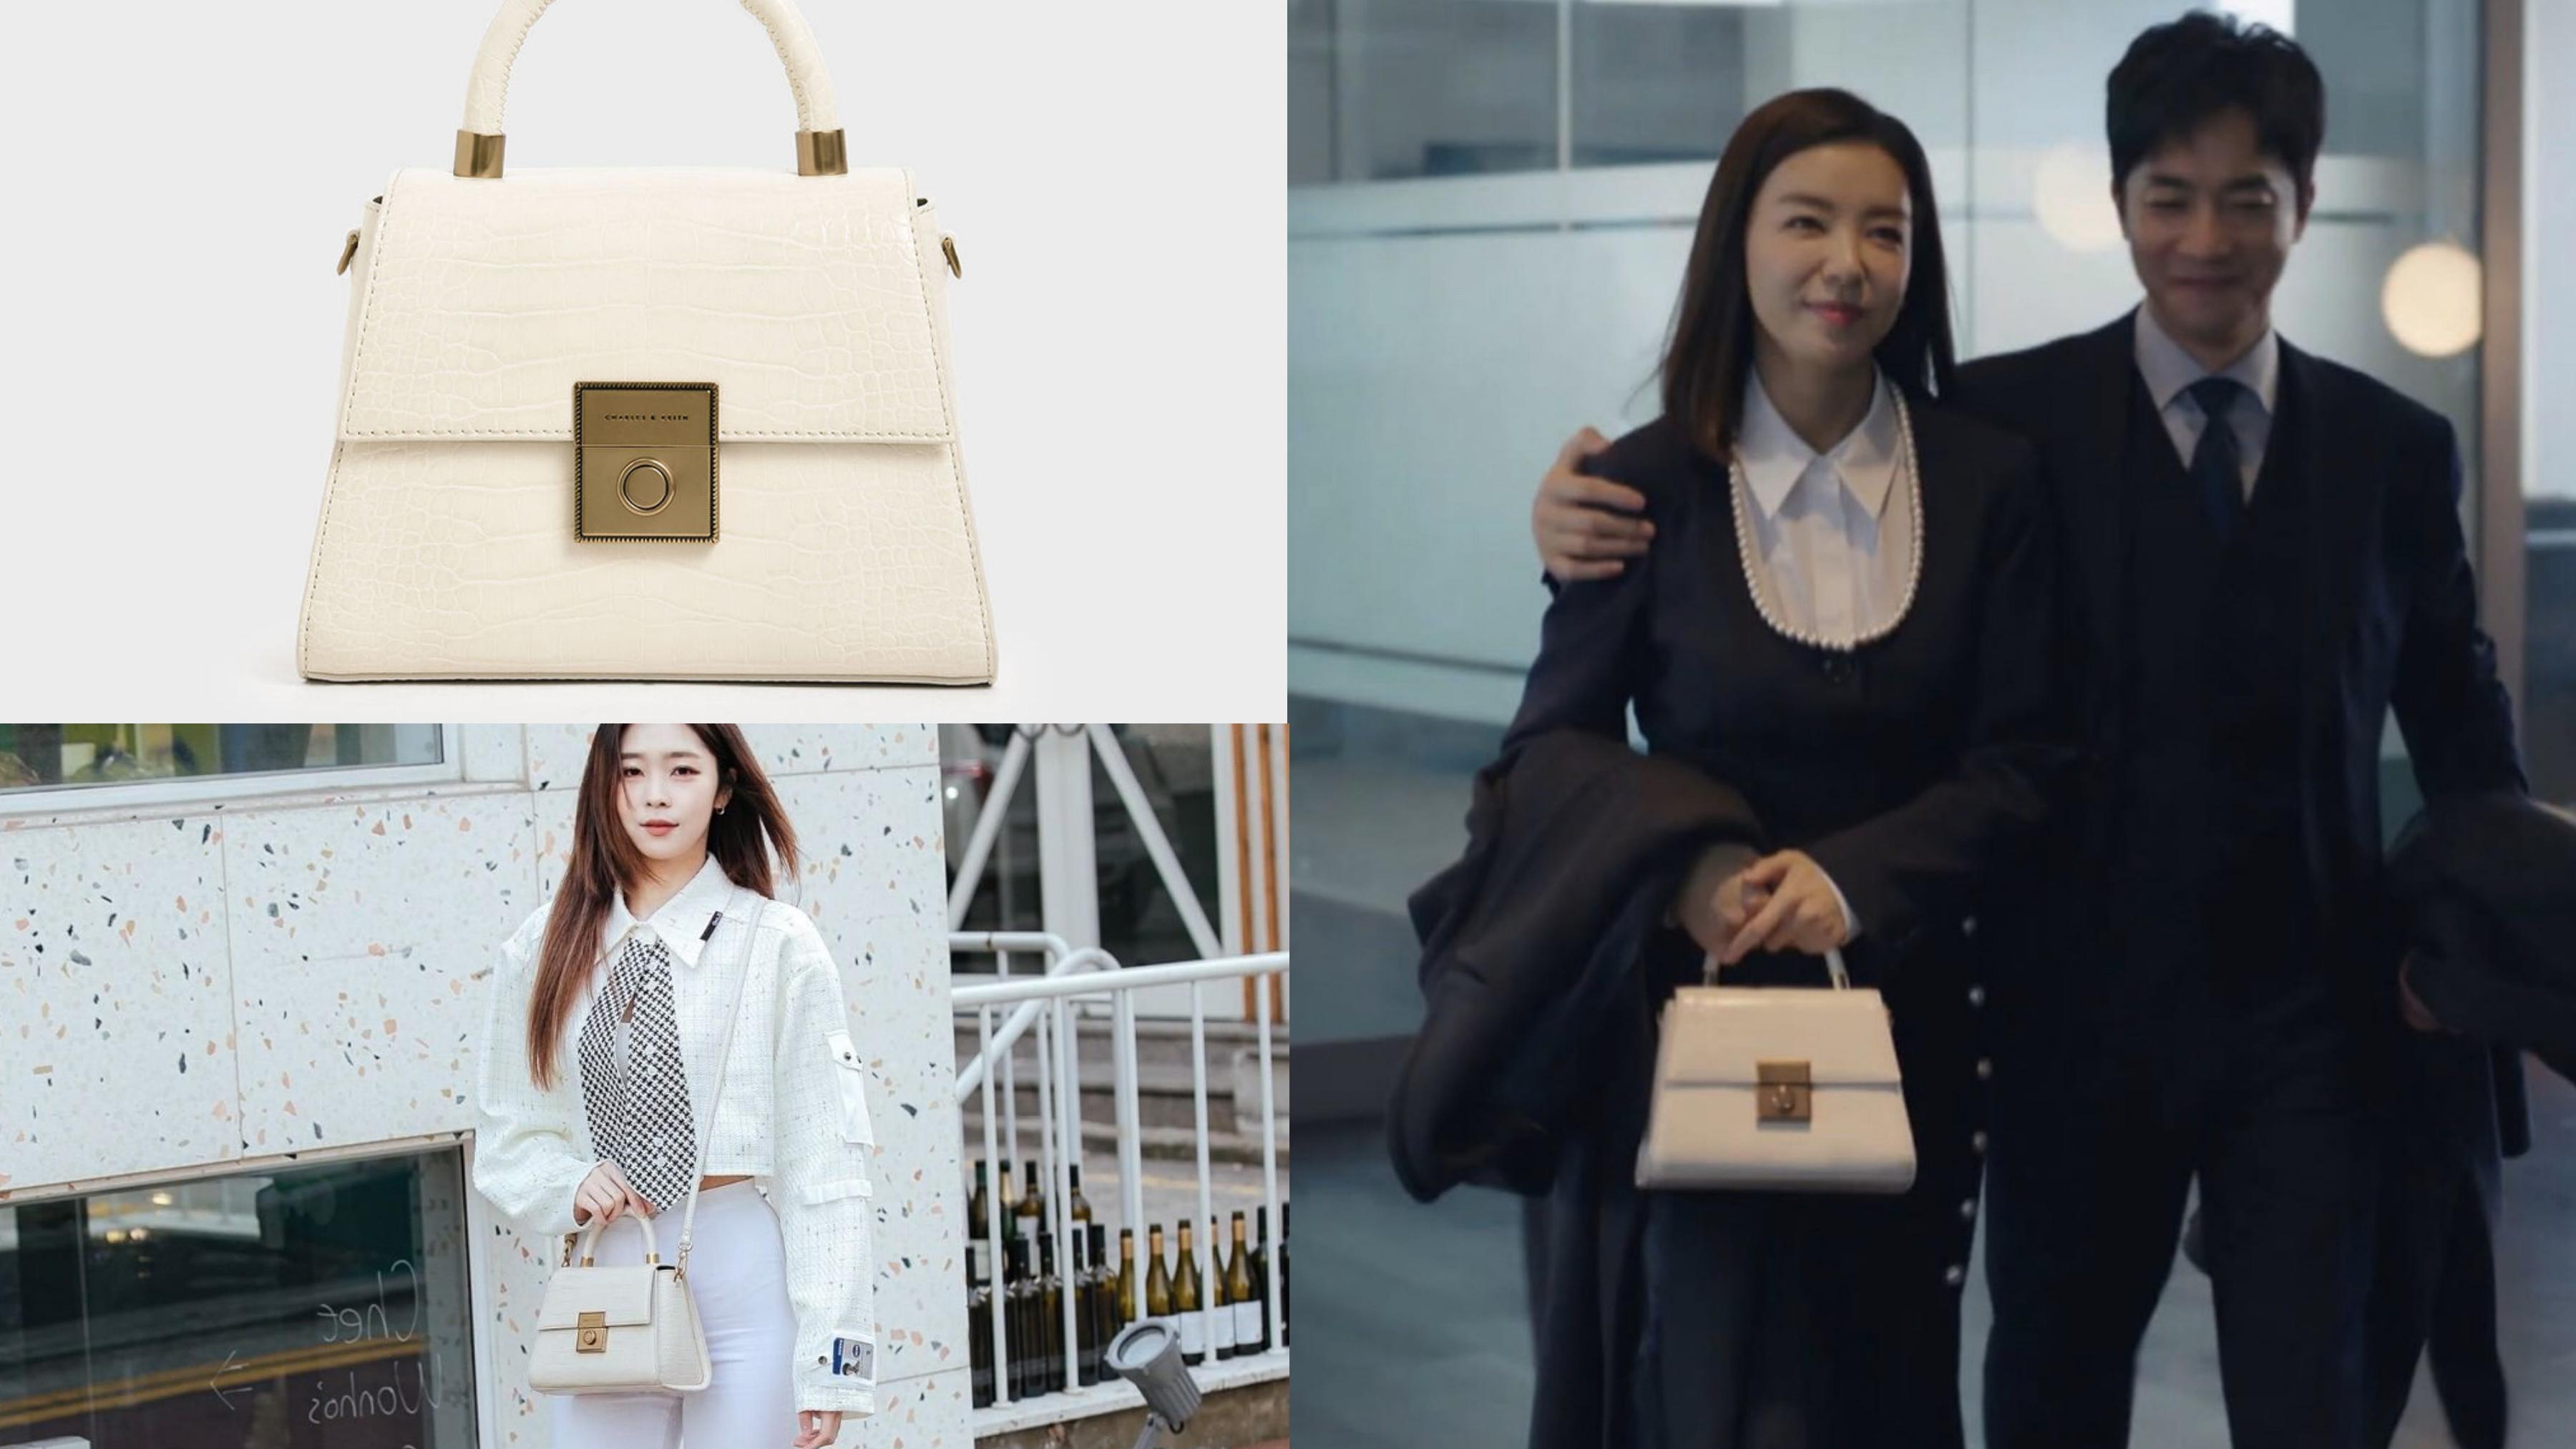 飾演女配角貴婦高藝琳的朴宣暎,全身亮點就是CHARLES & KEITH白色鱷魚紋壓扣手提包